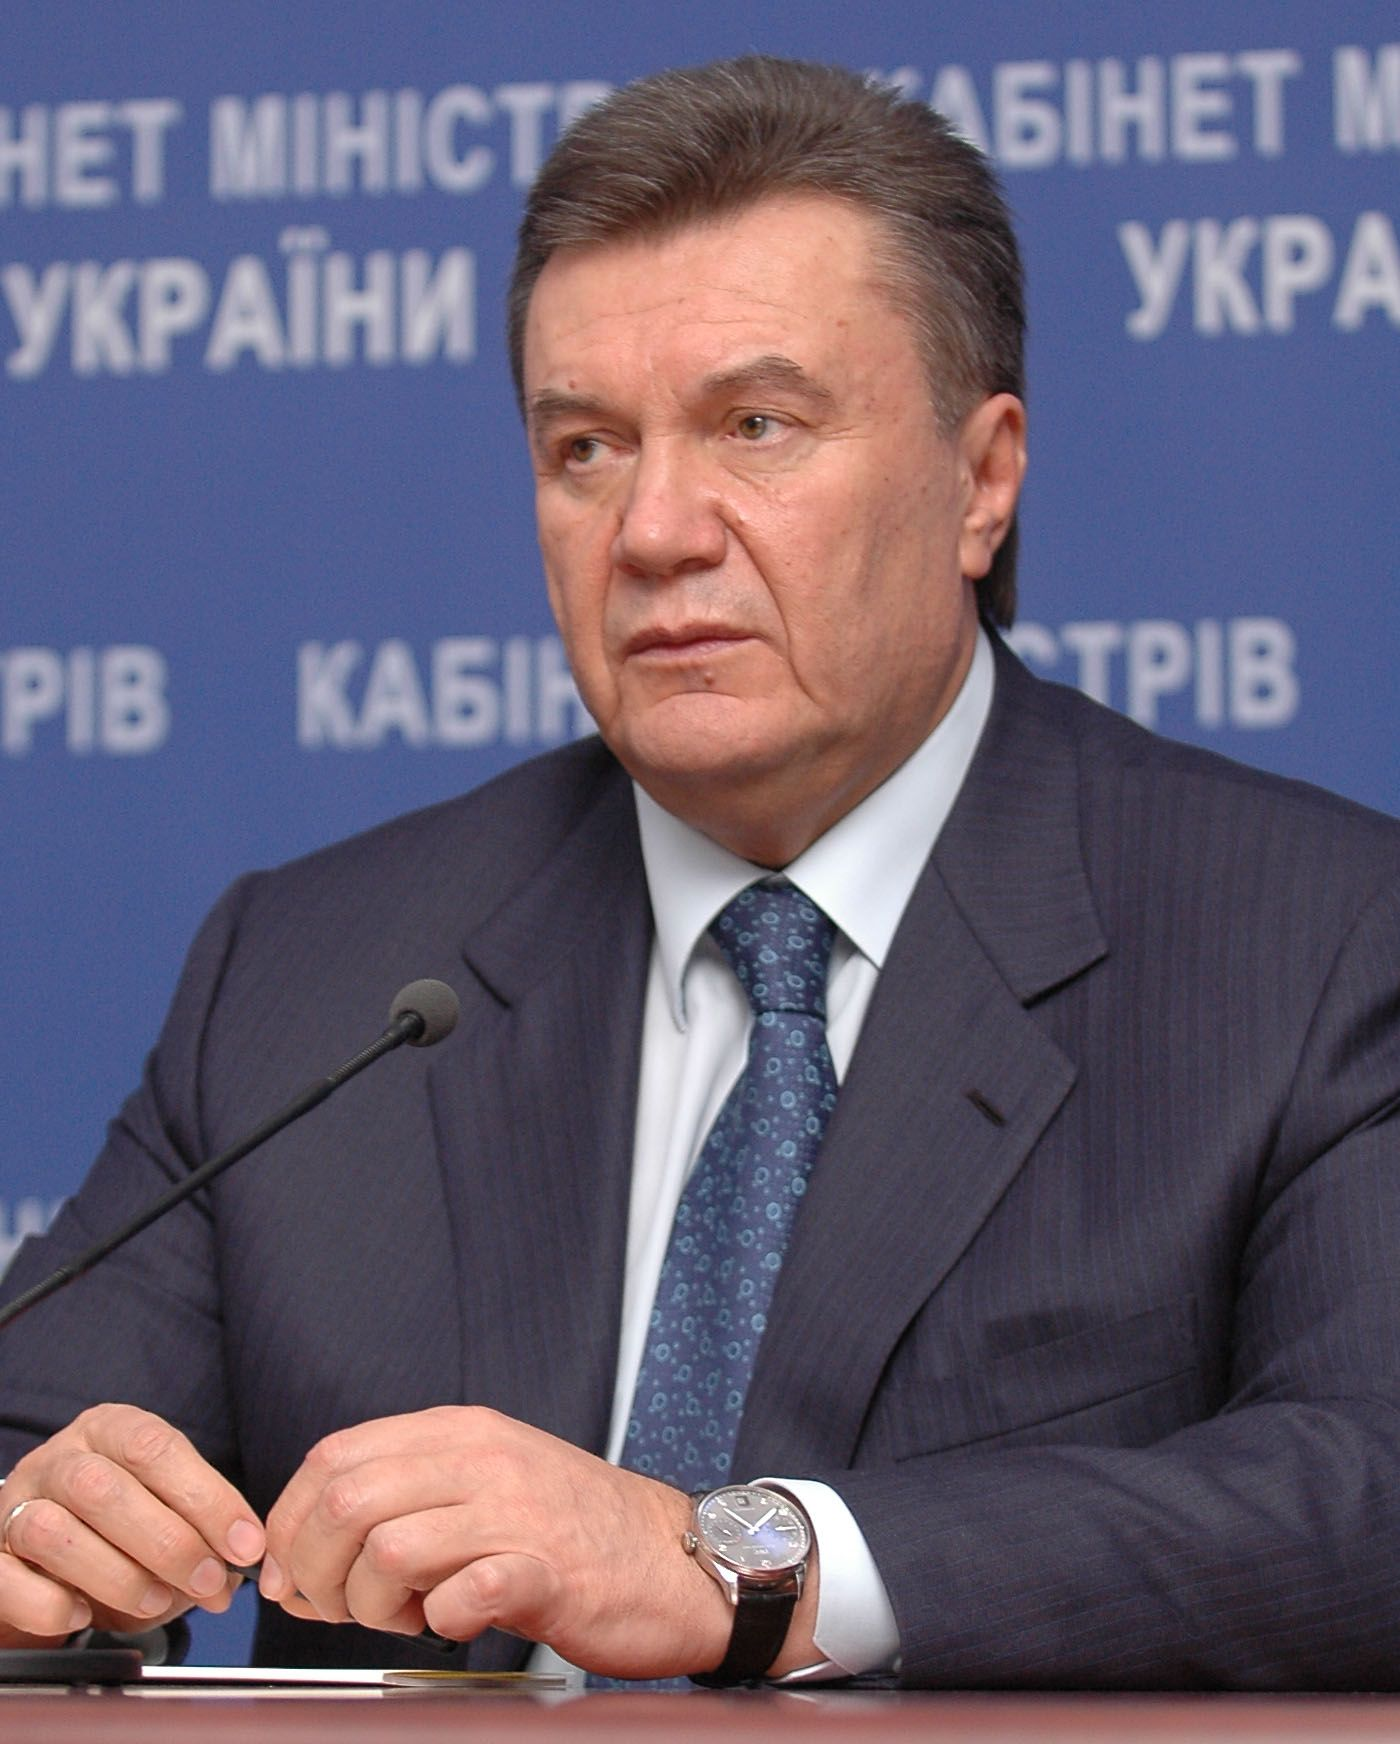 Wiktor Janukowycz miał być człowiekiem, który posłusznie będzie sterował Ukrainą.